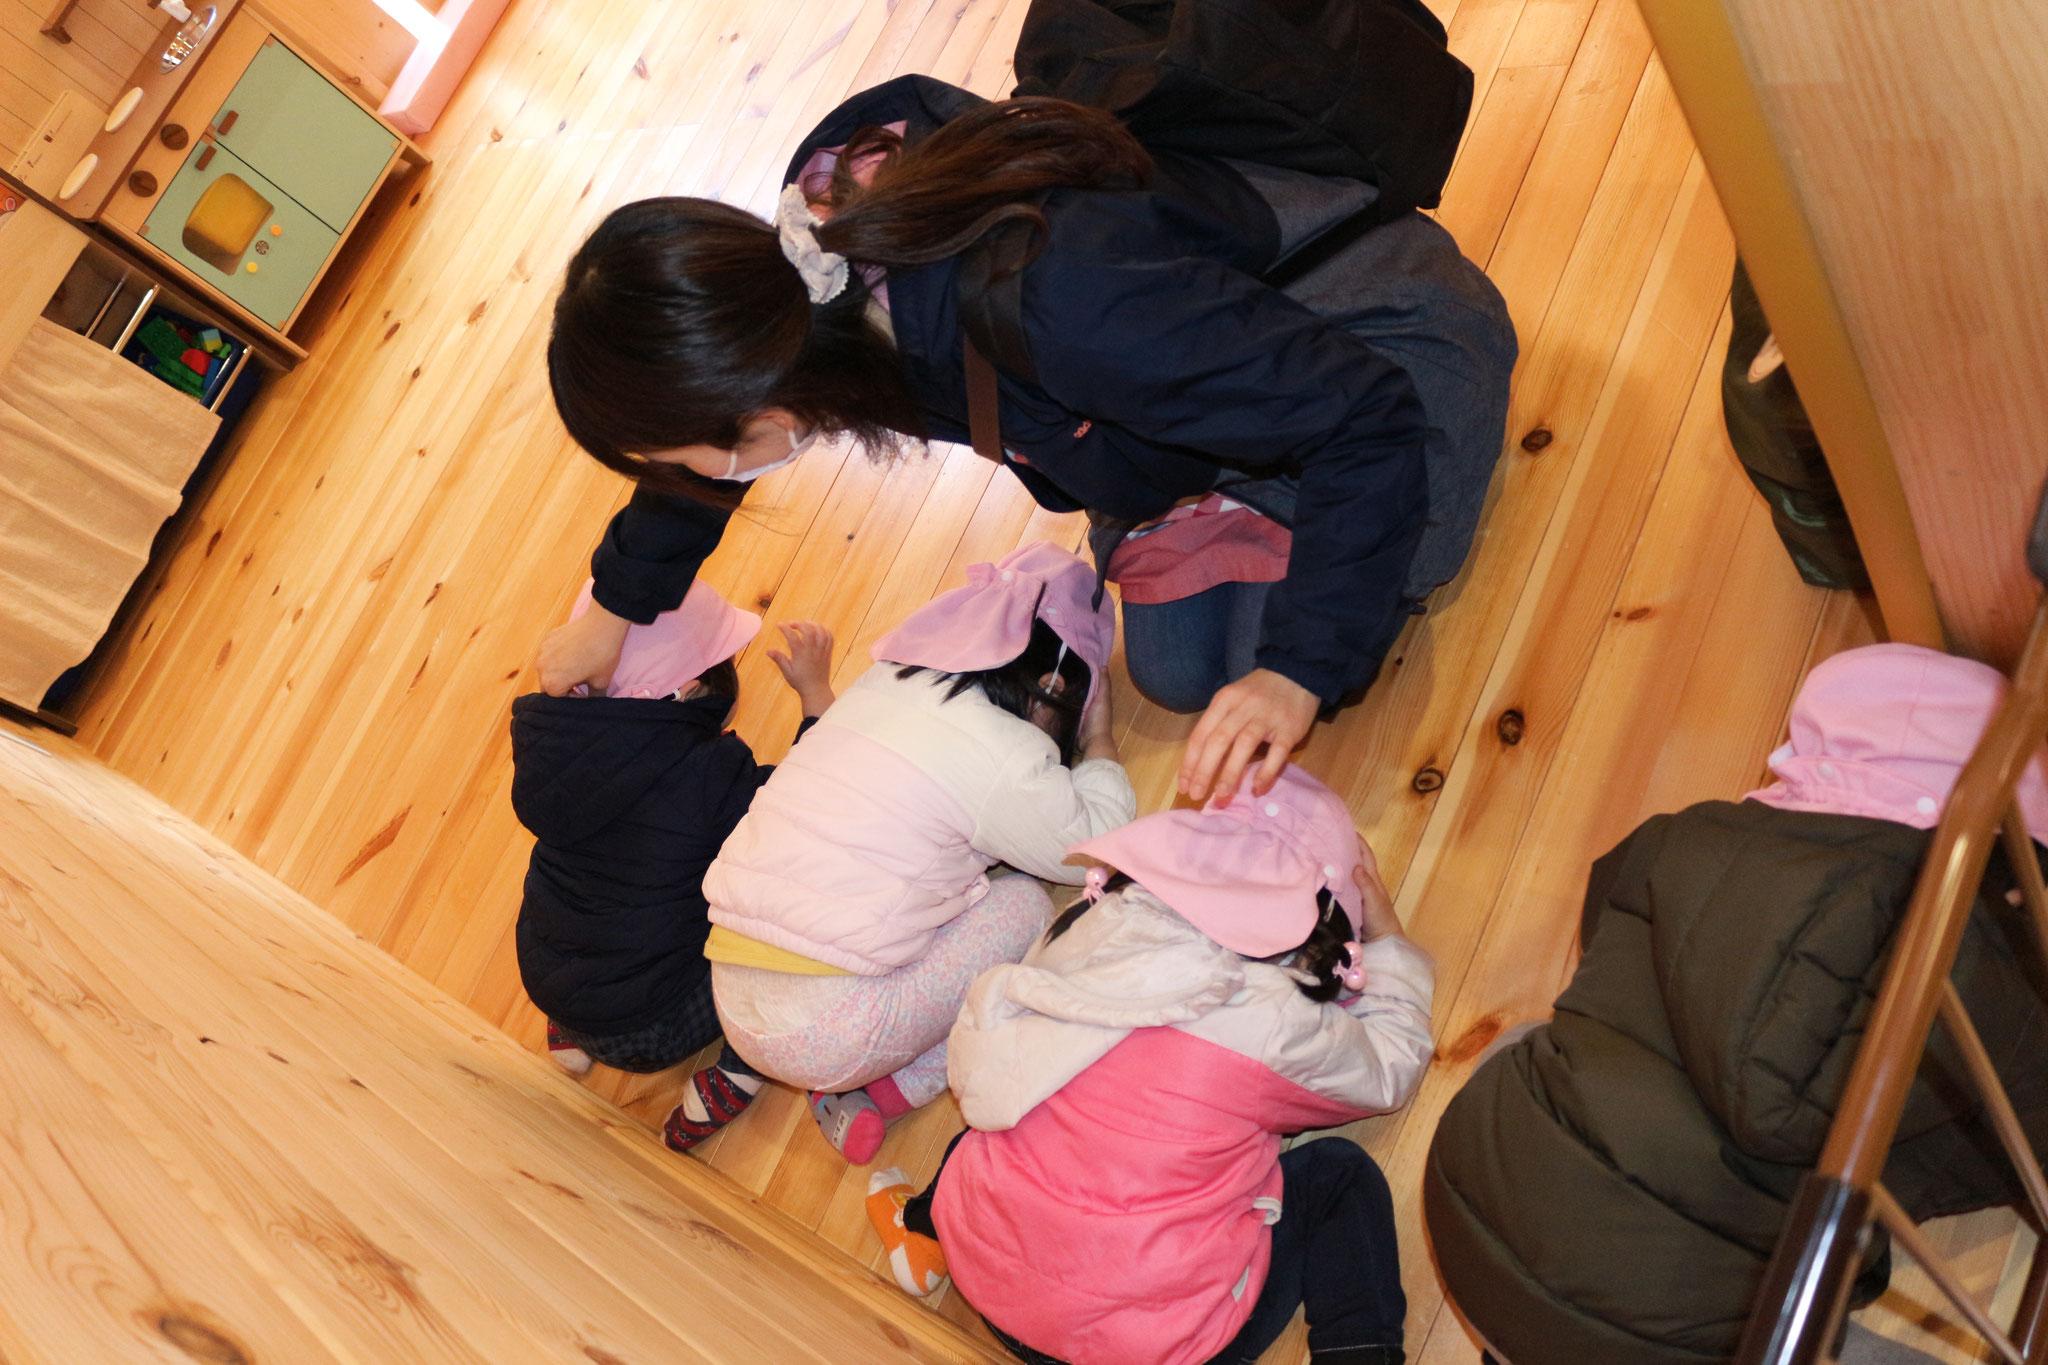 卒園まで あとひとつきのカプアさん 地震訓練では「ダンゴムシさんのポーズ」(*^▽^*)